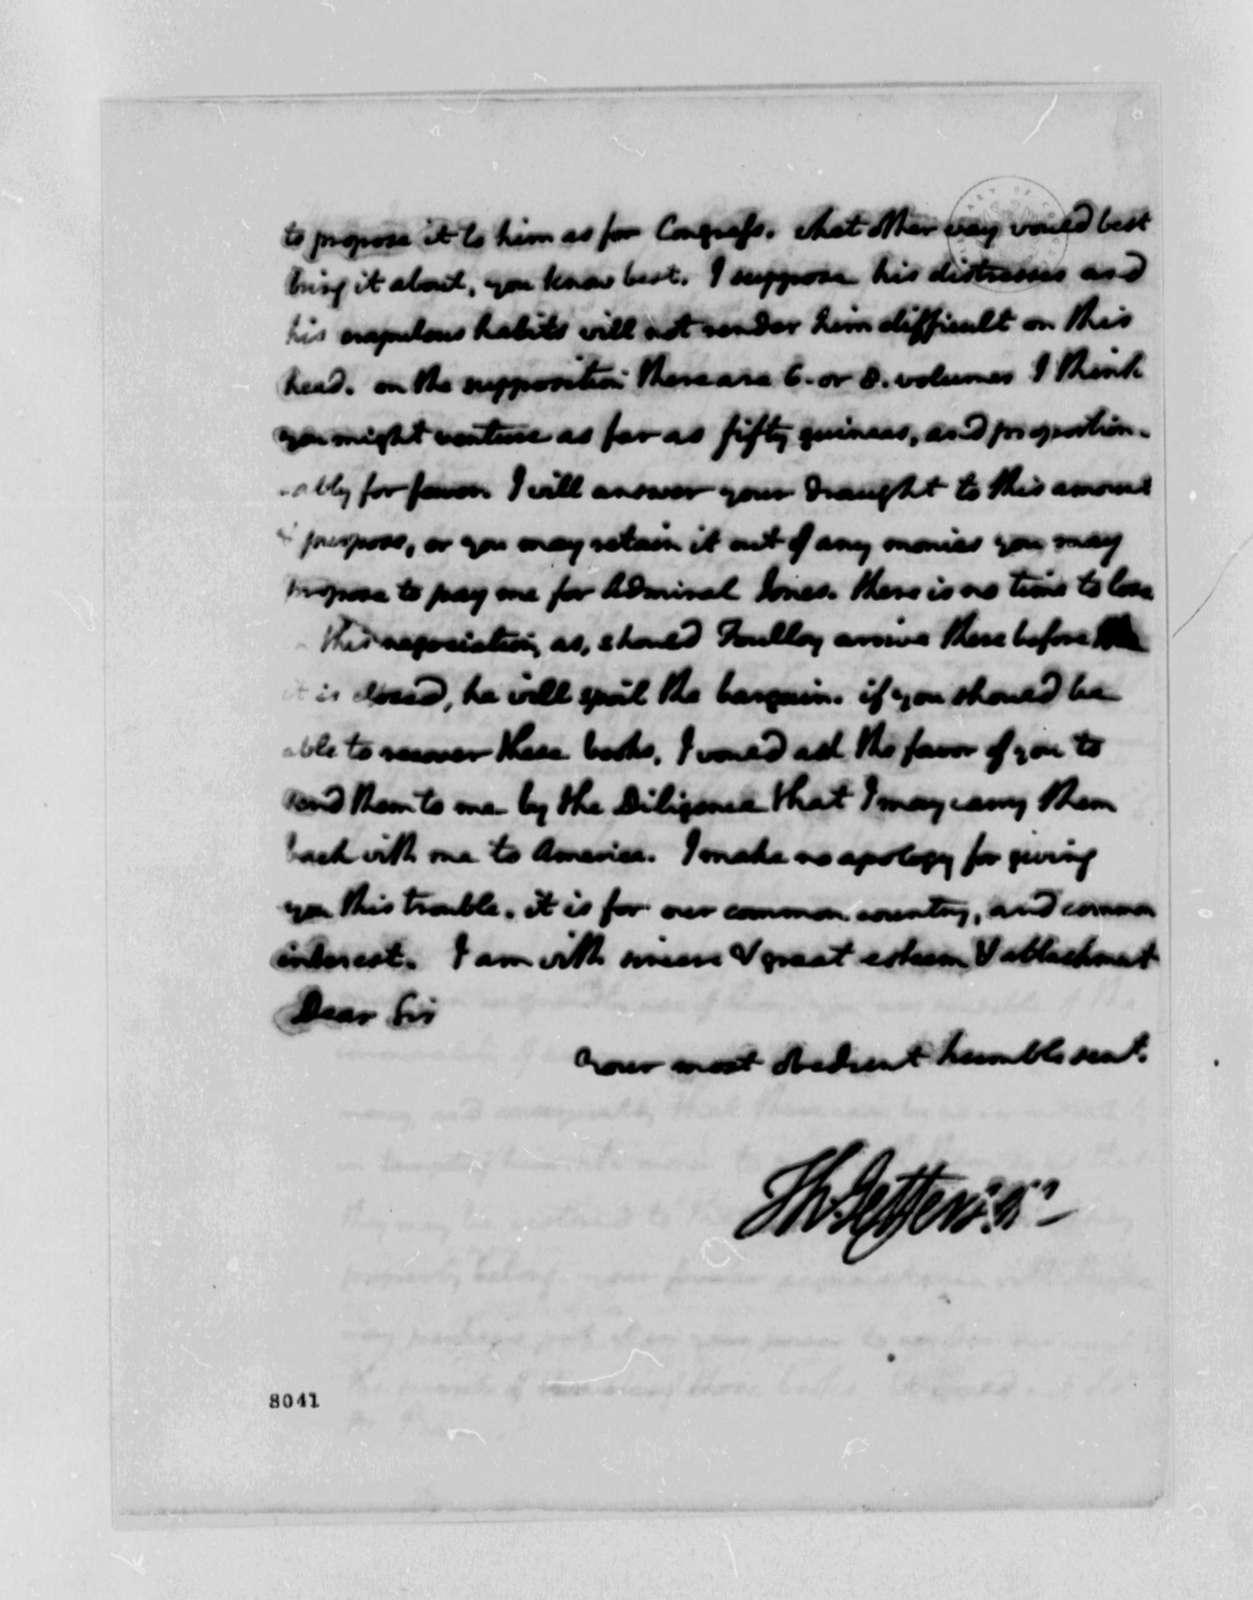 Thomas Jefferson to Edward Bancroft, March 2, 1789